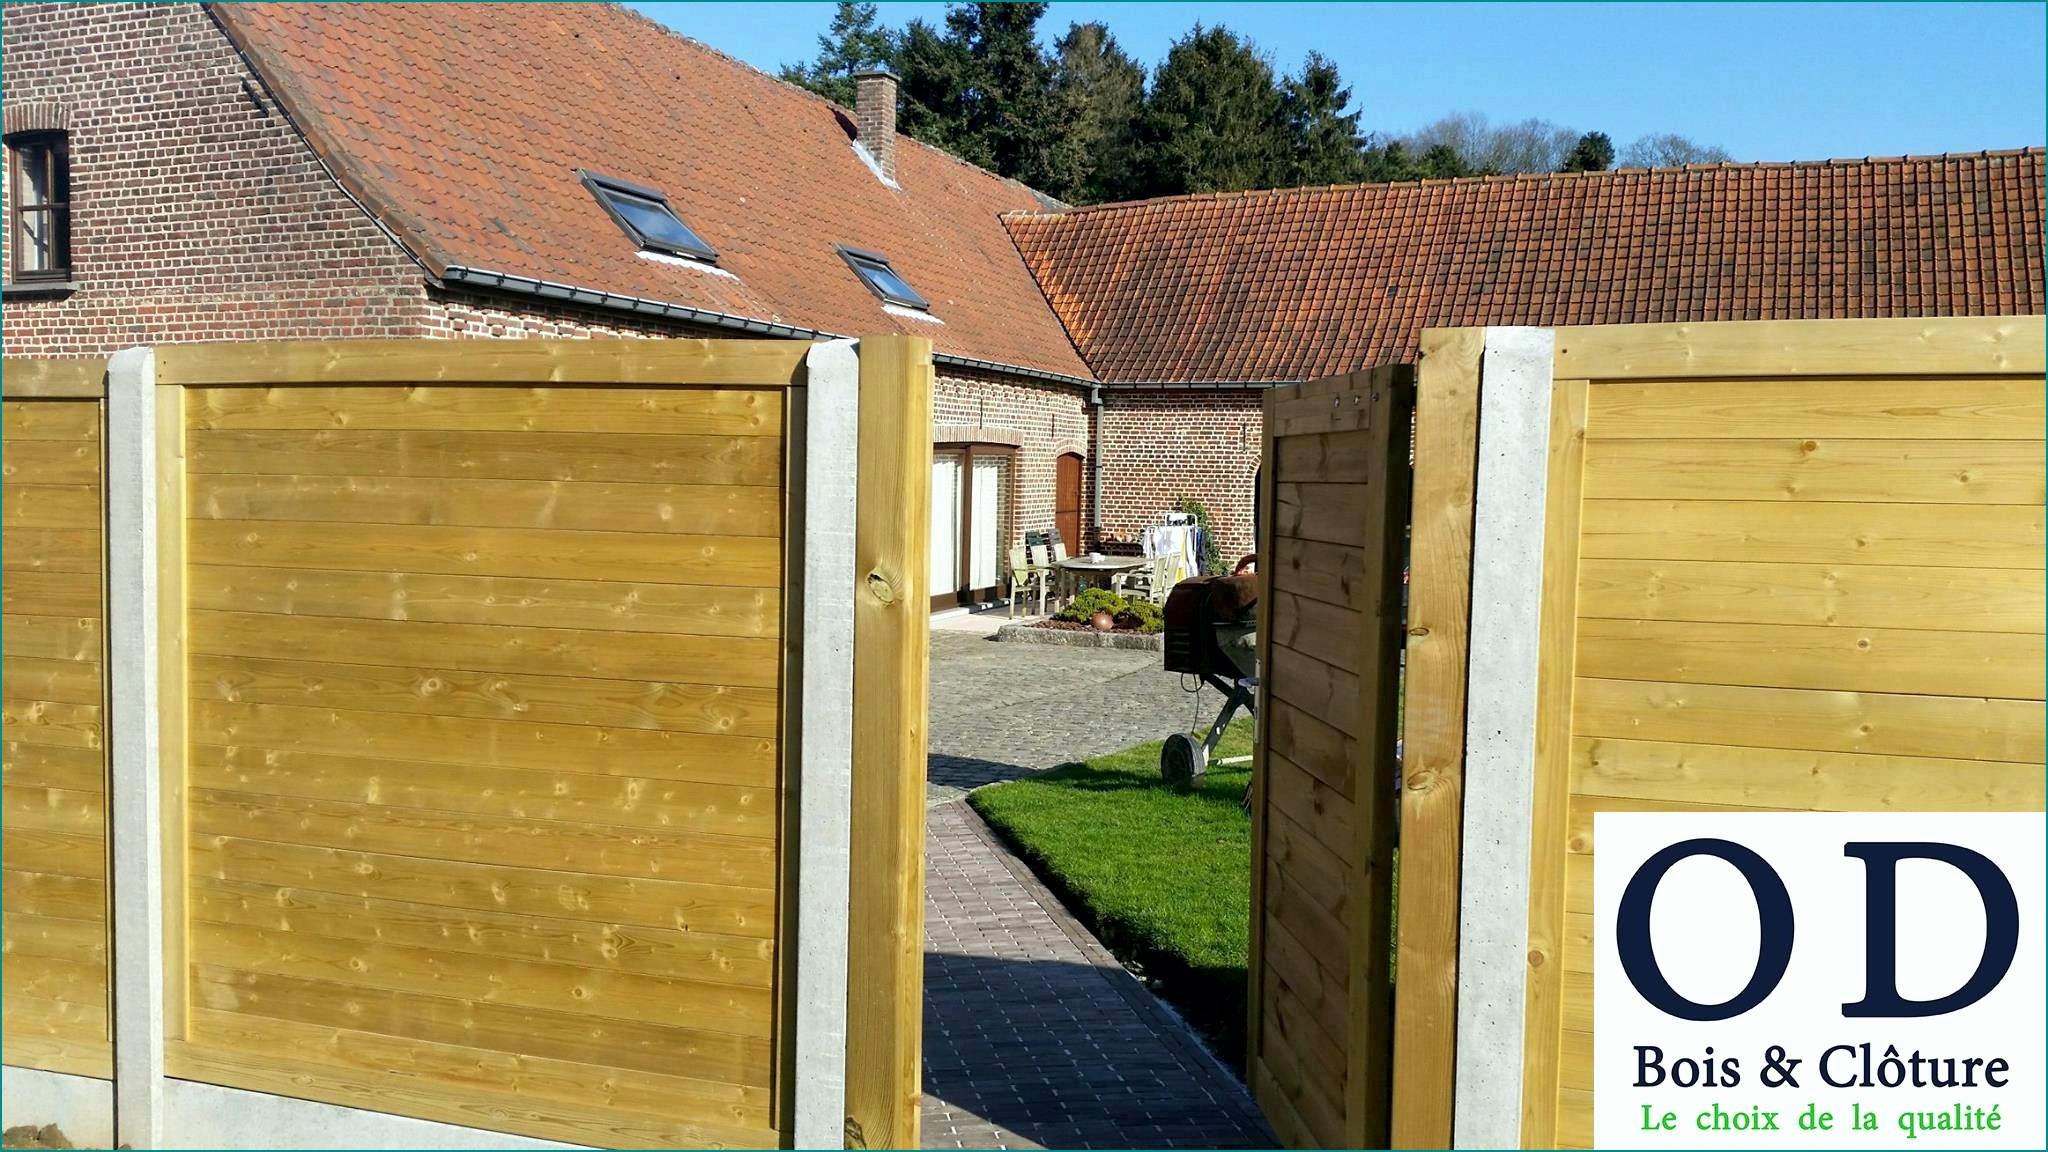 Mobilier De Jardin Leroy Merlin Charmant Salon De Jardin Allibert Leroy Merlin Frais 52 Table De